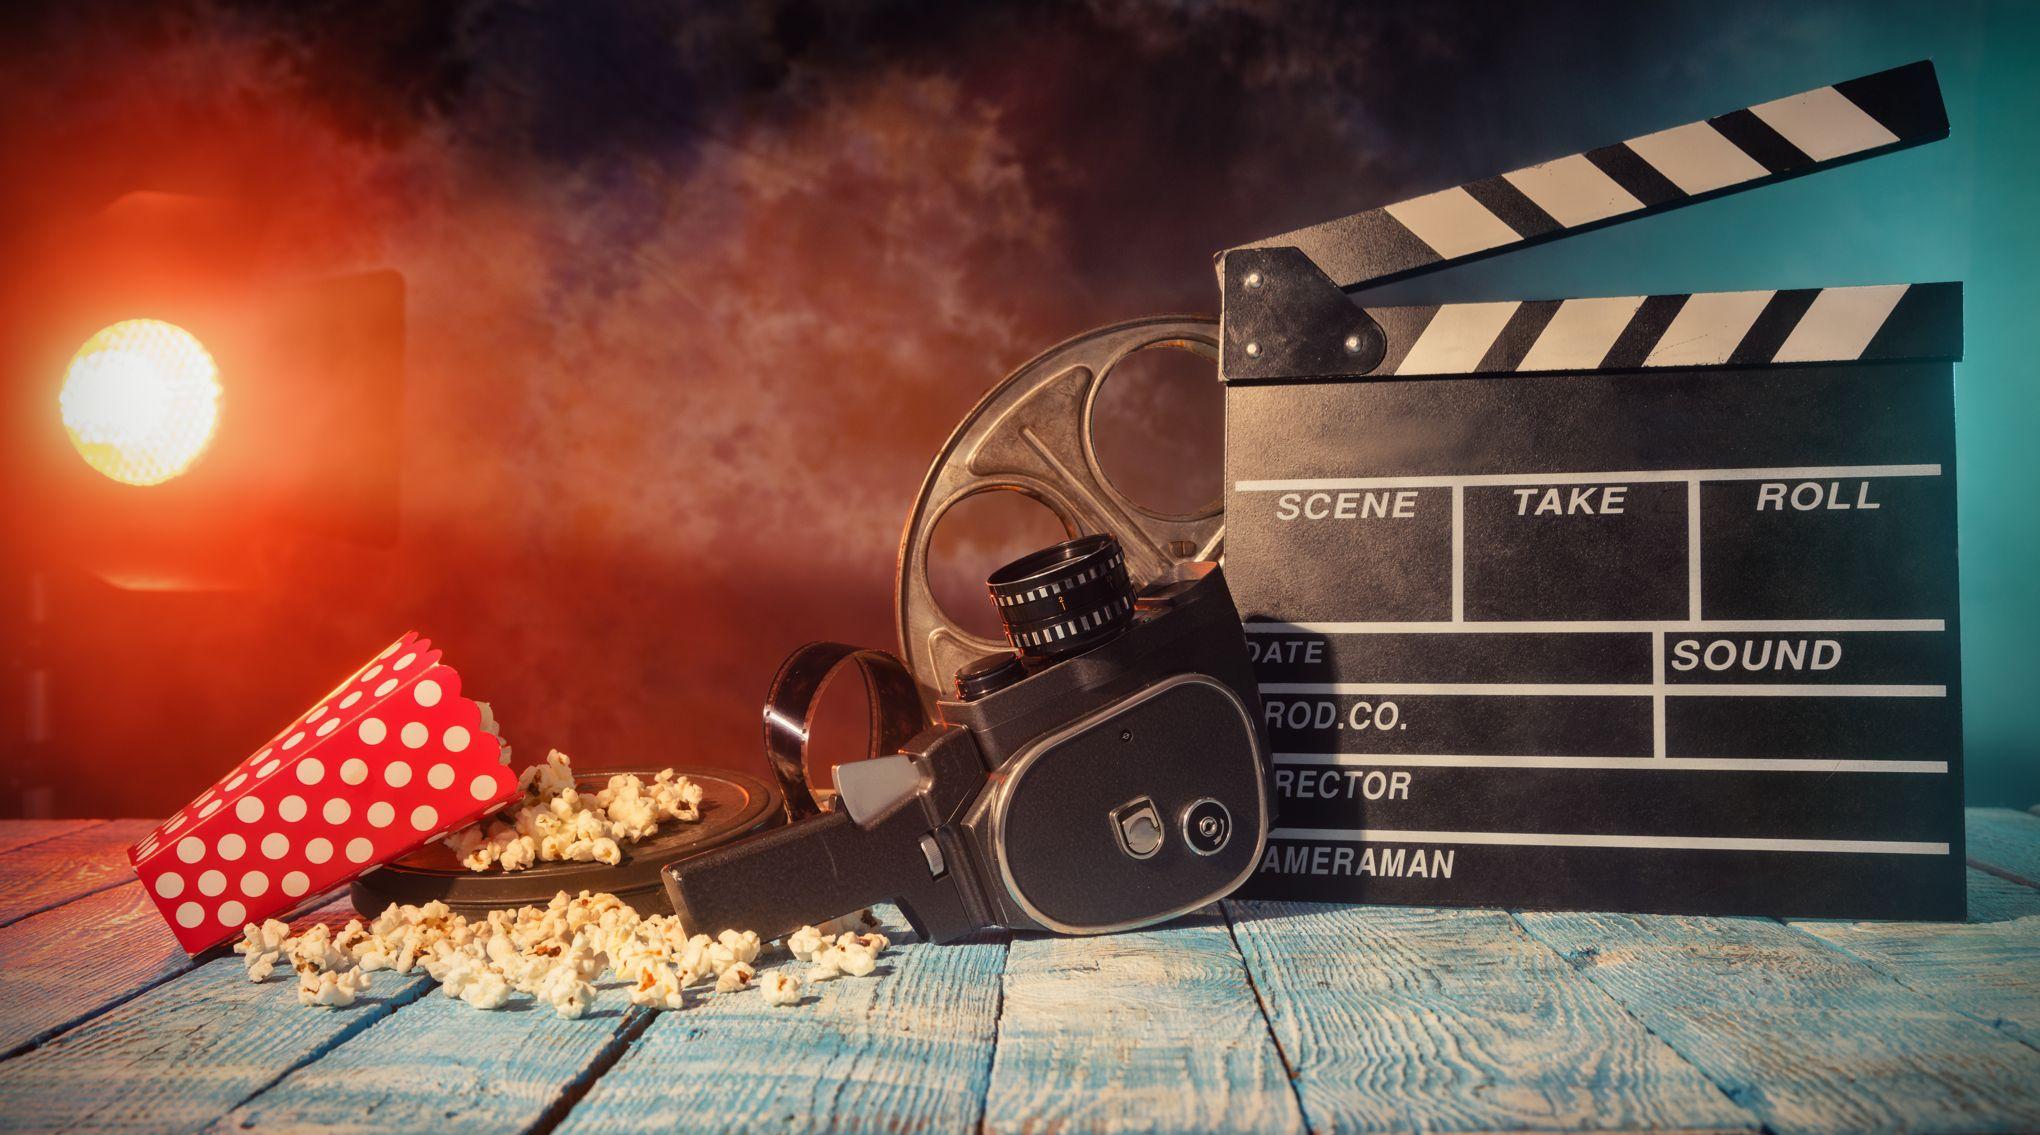 12 Sofica pour défiscaliser avant fin 2018 en investissant dans le cinéma